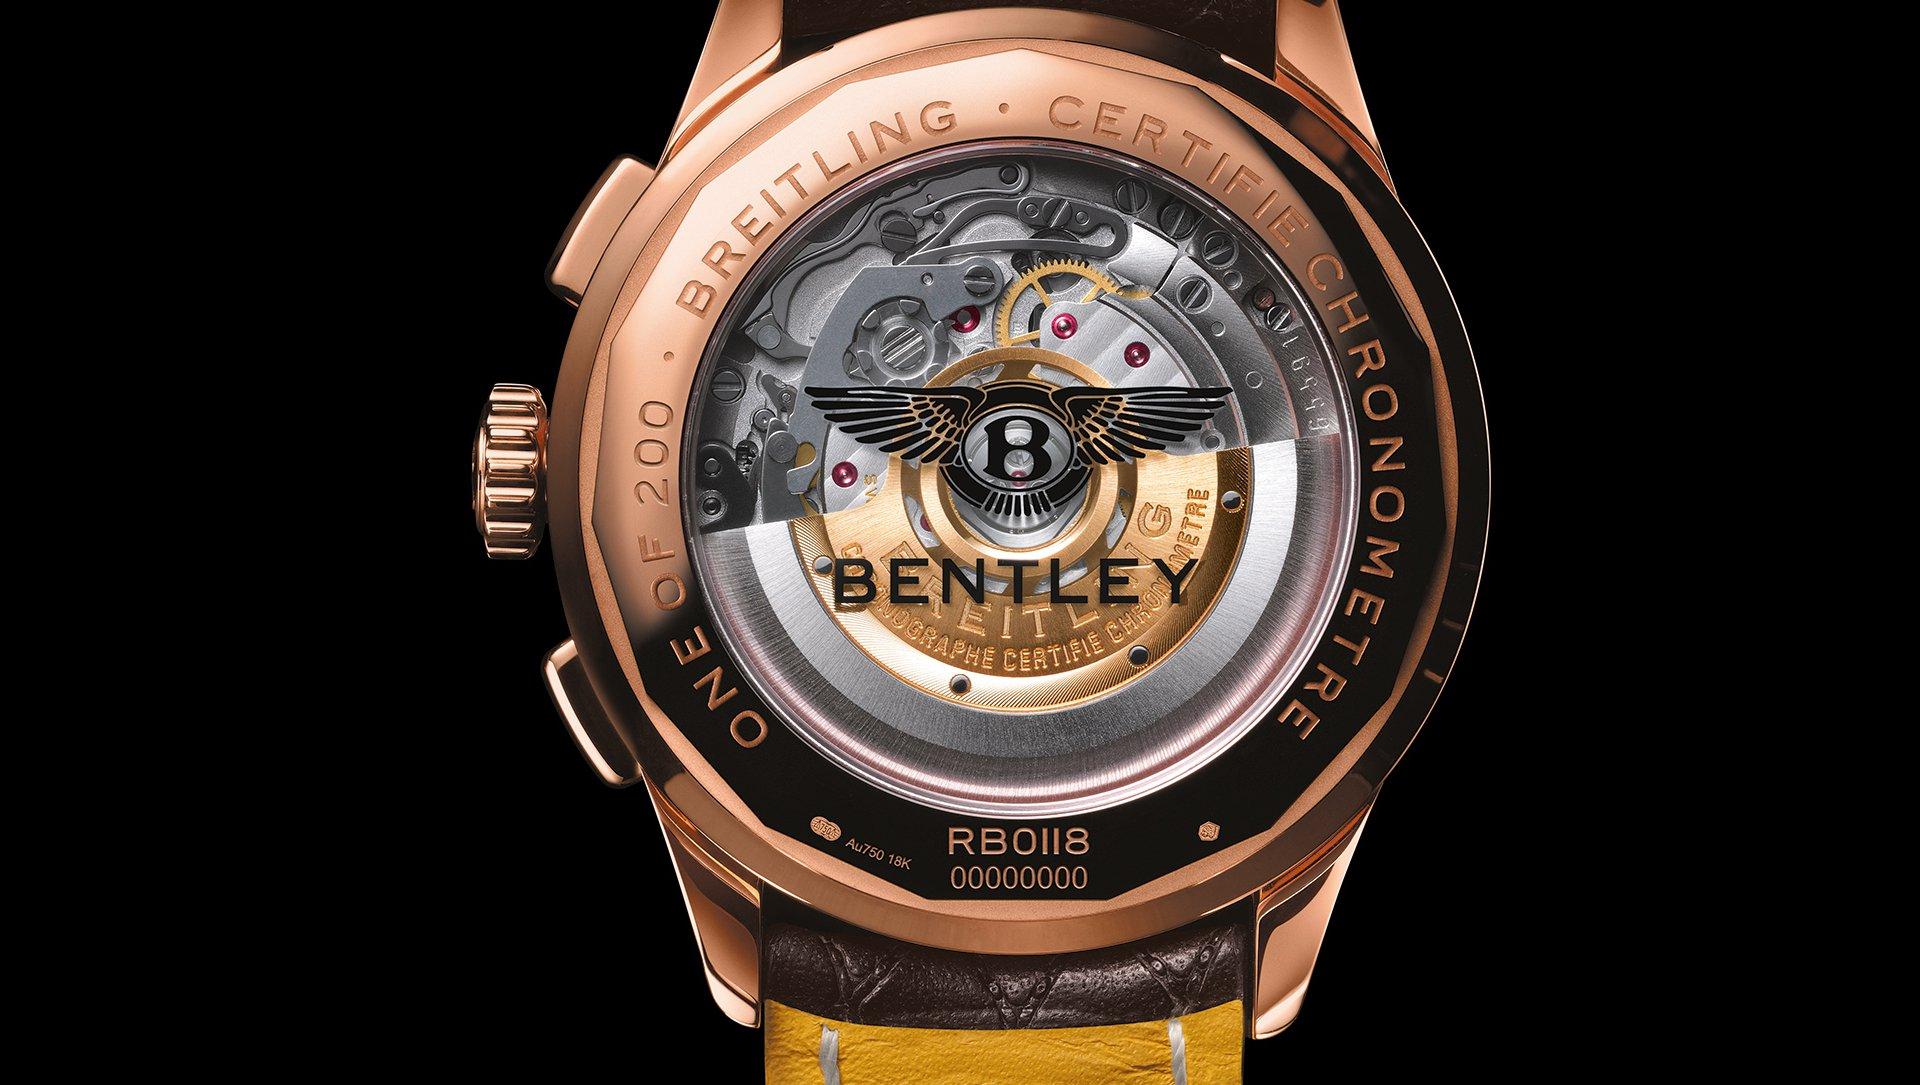 Naziv: 7premier-b01-chronograph-bentley-or-caseback_21141_06-03-19.jpg, pregleda: 202, veličina: 263,1 KB